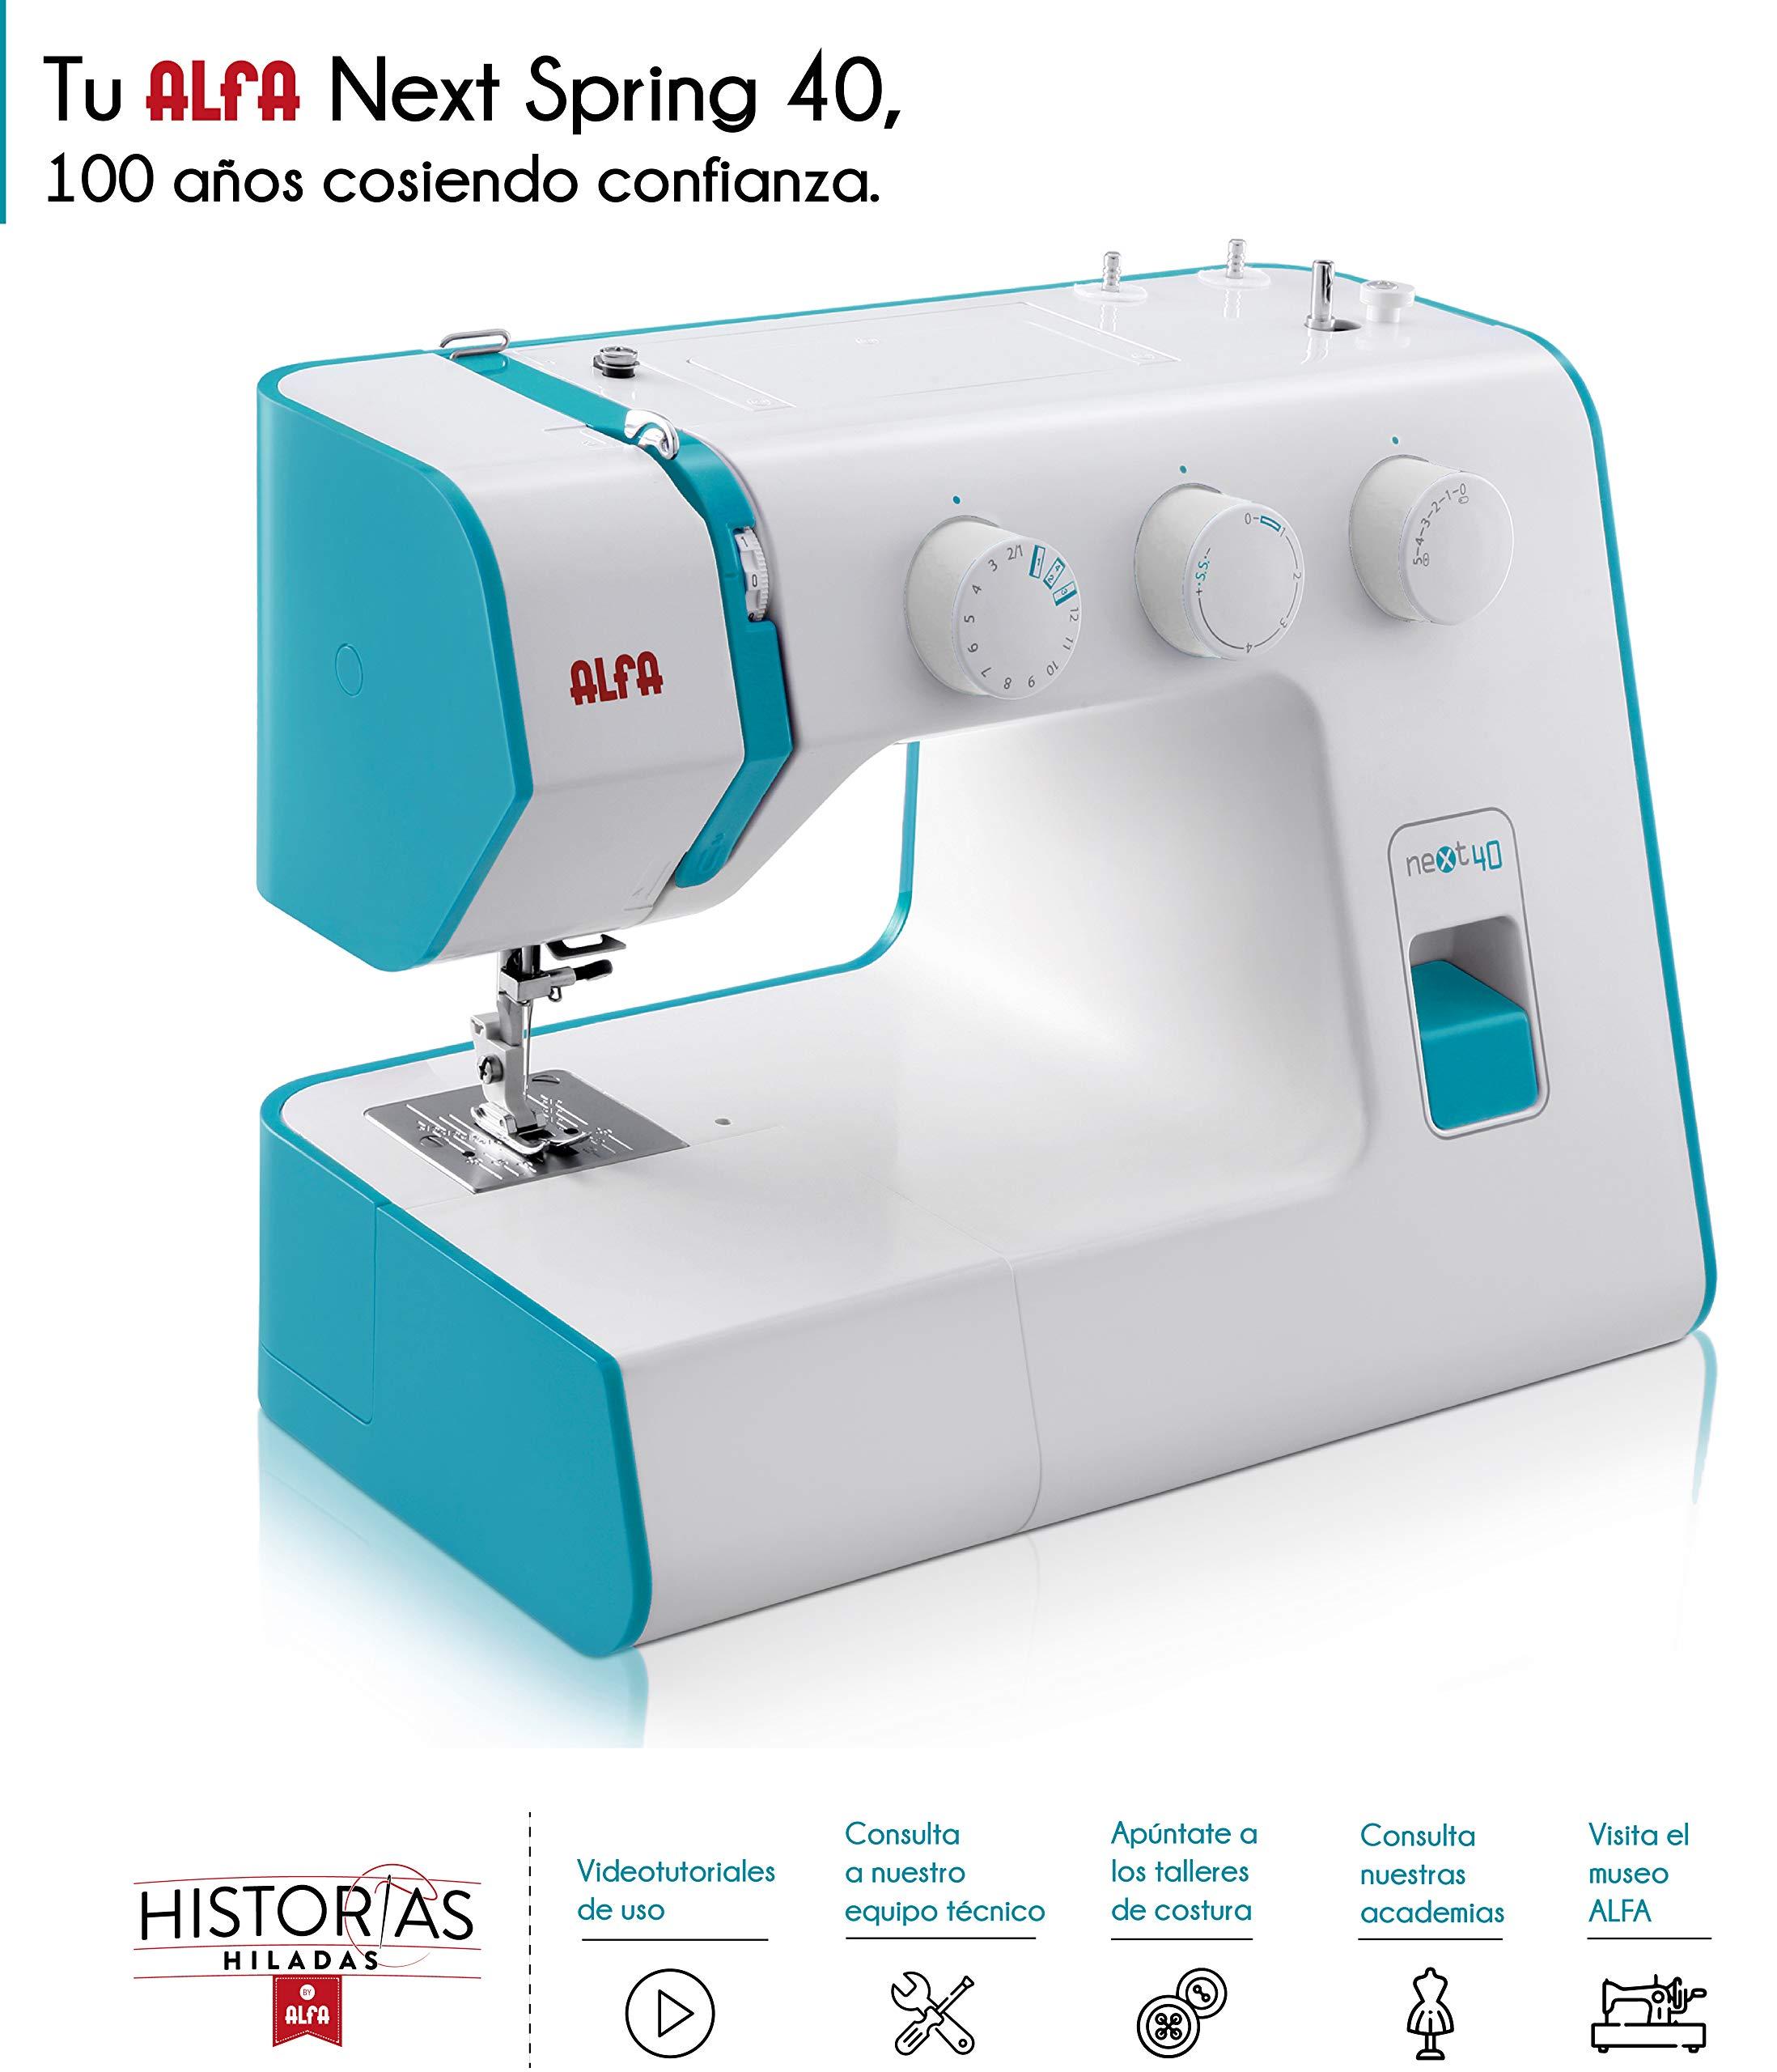 Alfa NEXT 40 Spring - Máquina de coser con 25 puntadas, color azul cielo product